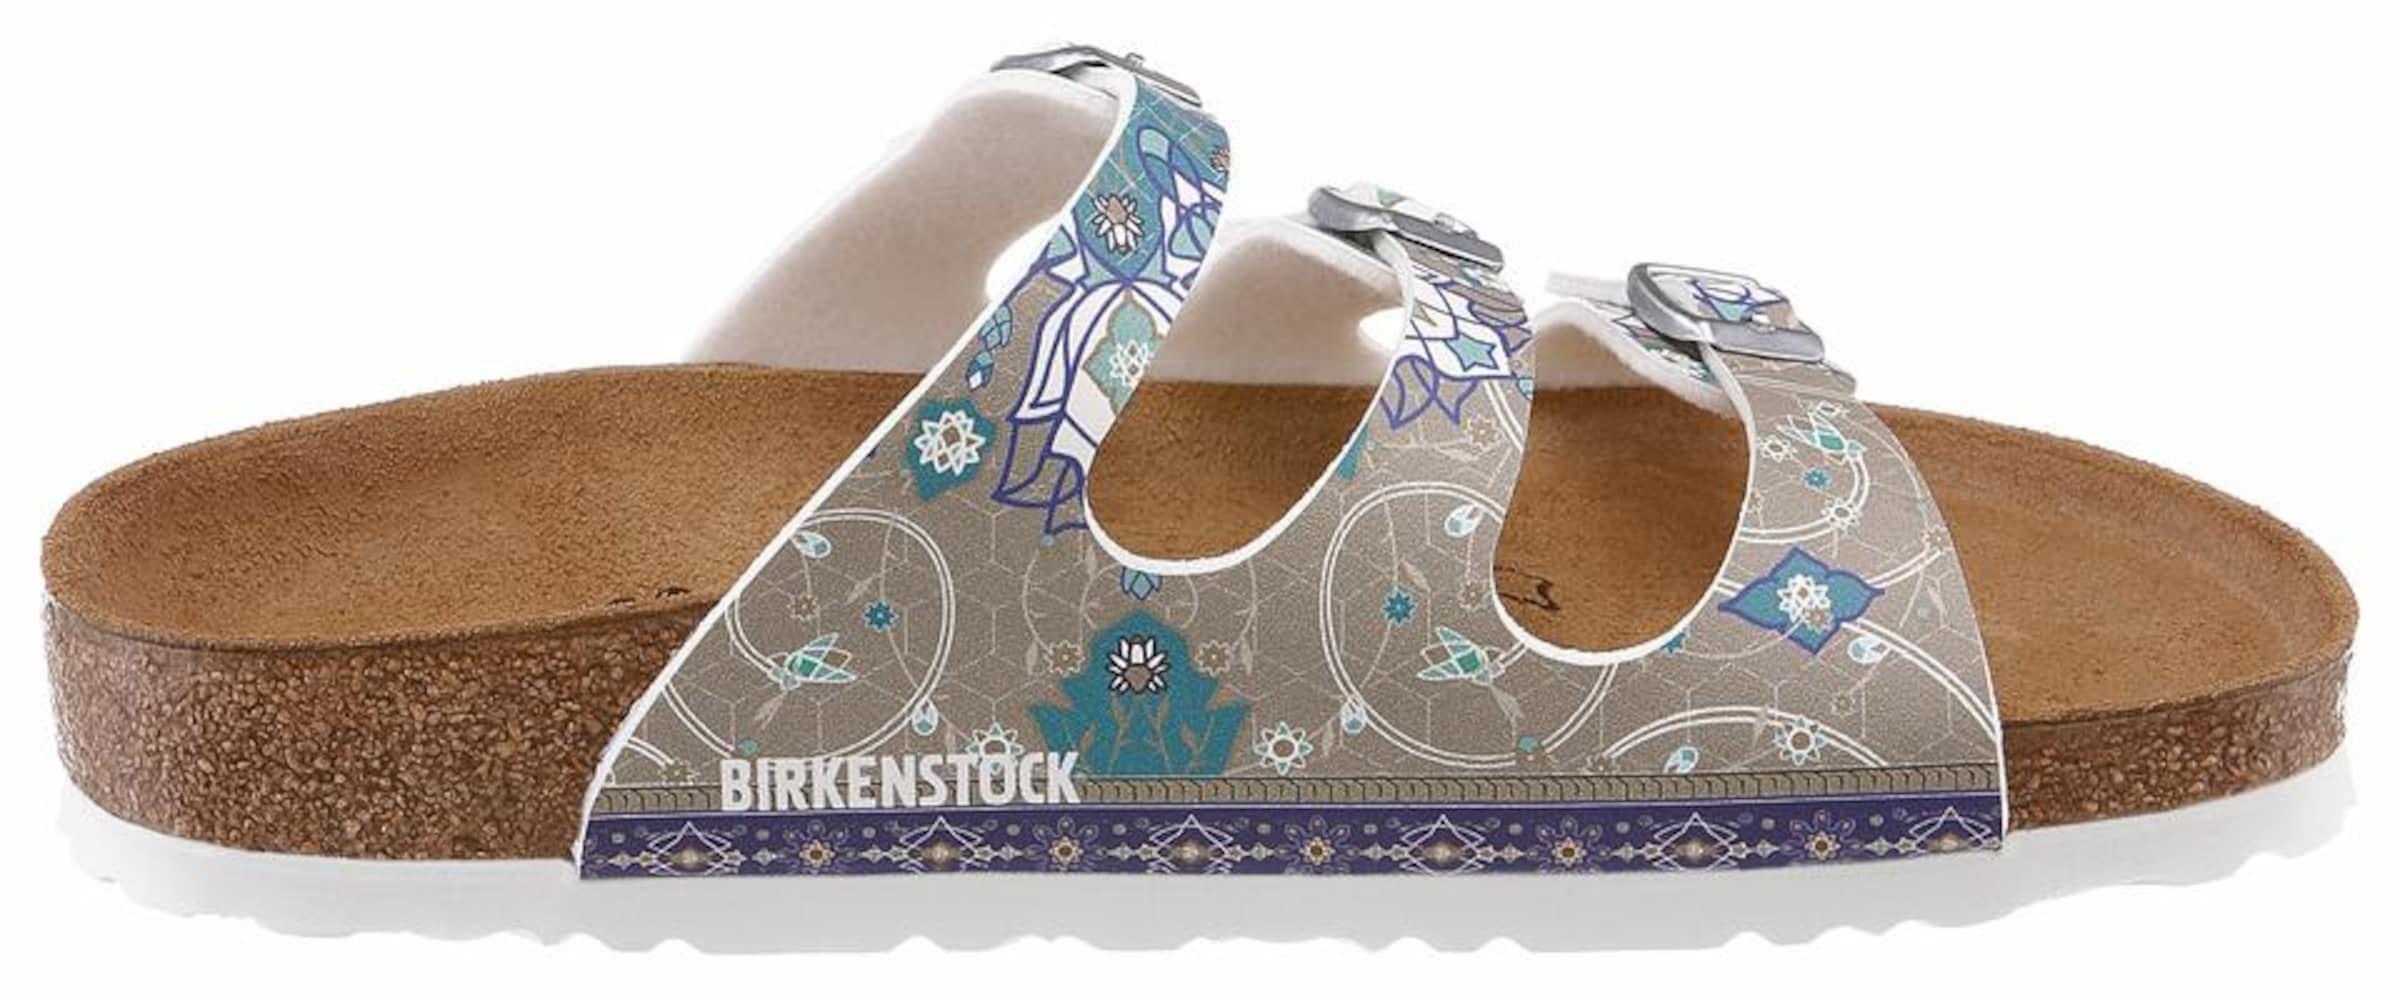 BIRKENSTOCK Pantolette 'FLORIDA' Günstig Kaufen Auslassstellen Footlocker Zum Verkauf Mit Kreditkarte ALAlP